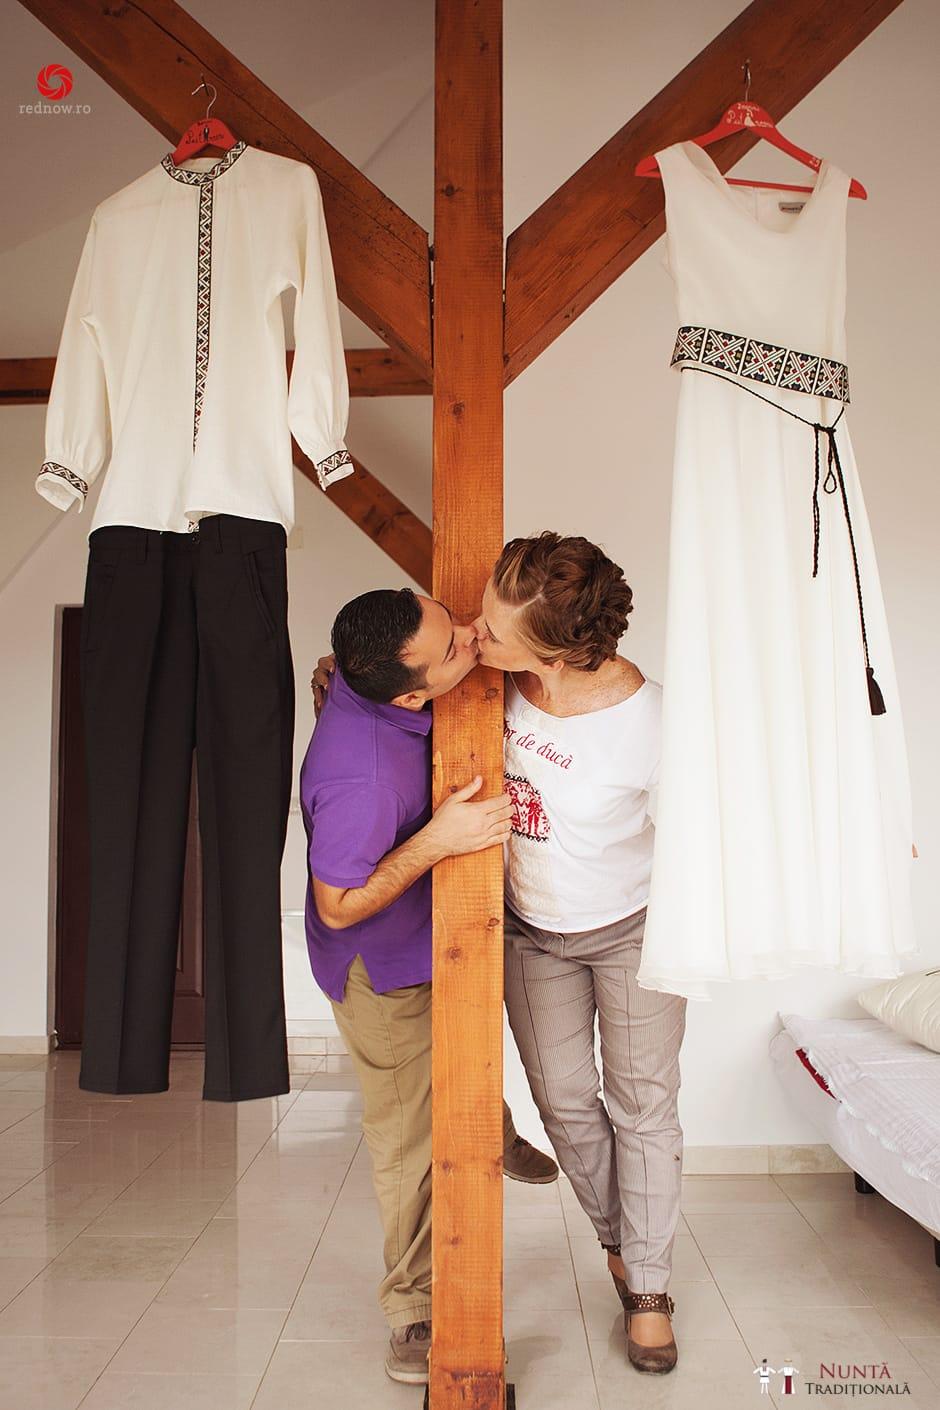 Povești Nunți Tradiționale - Ionatan și Andrea - Nuntă în Crișana. Să ne îmbătăm cu veselia nunții, în culorile toamnei 54